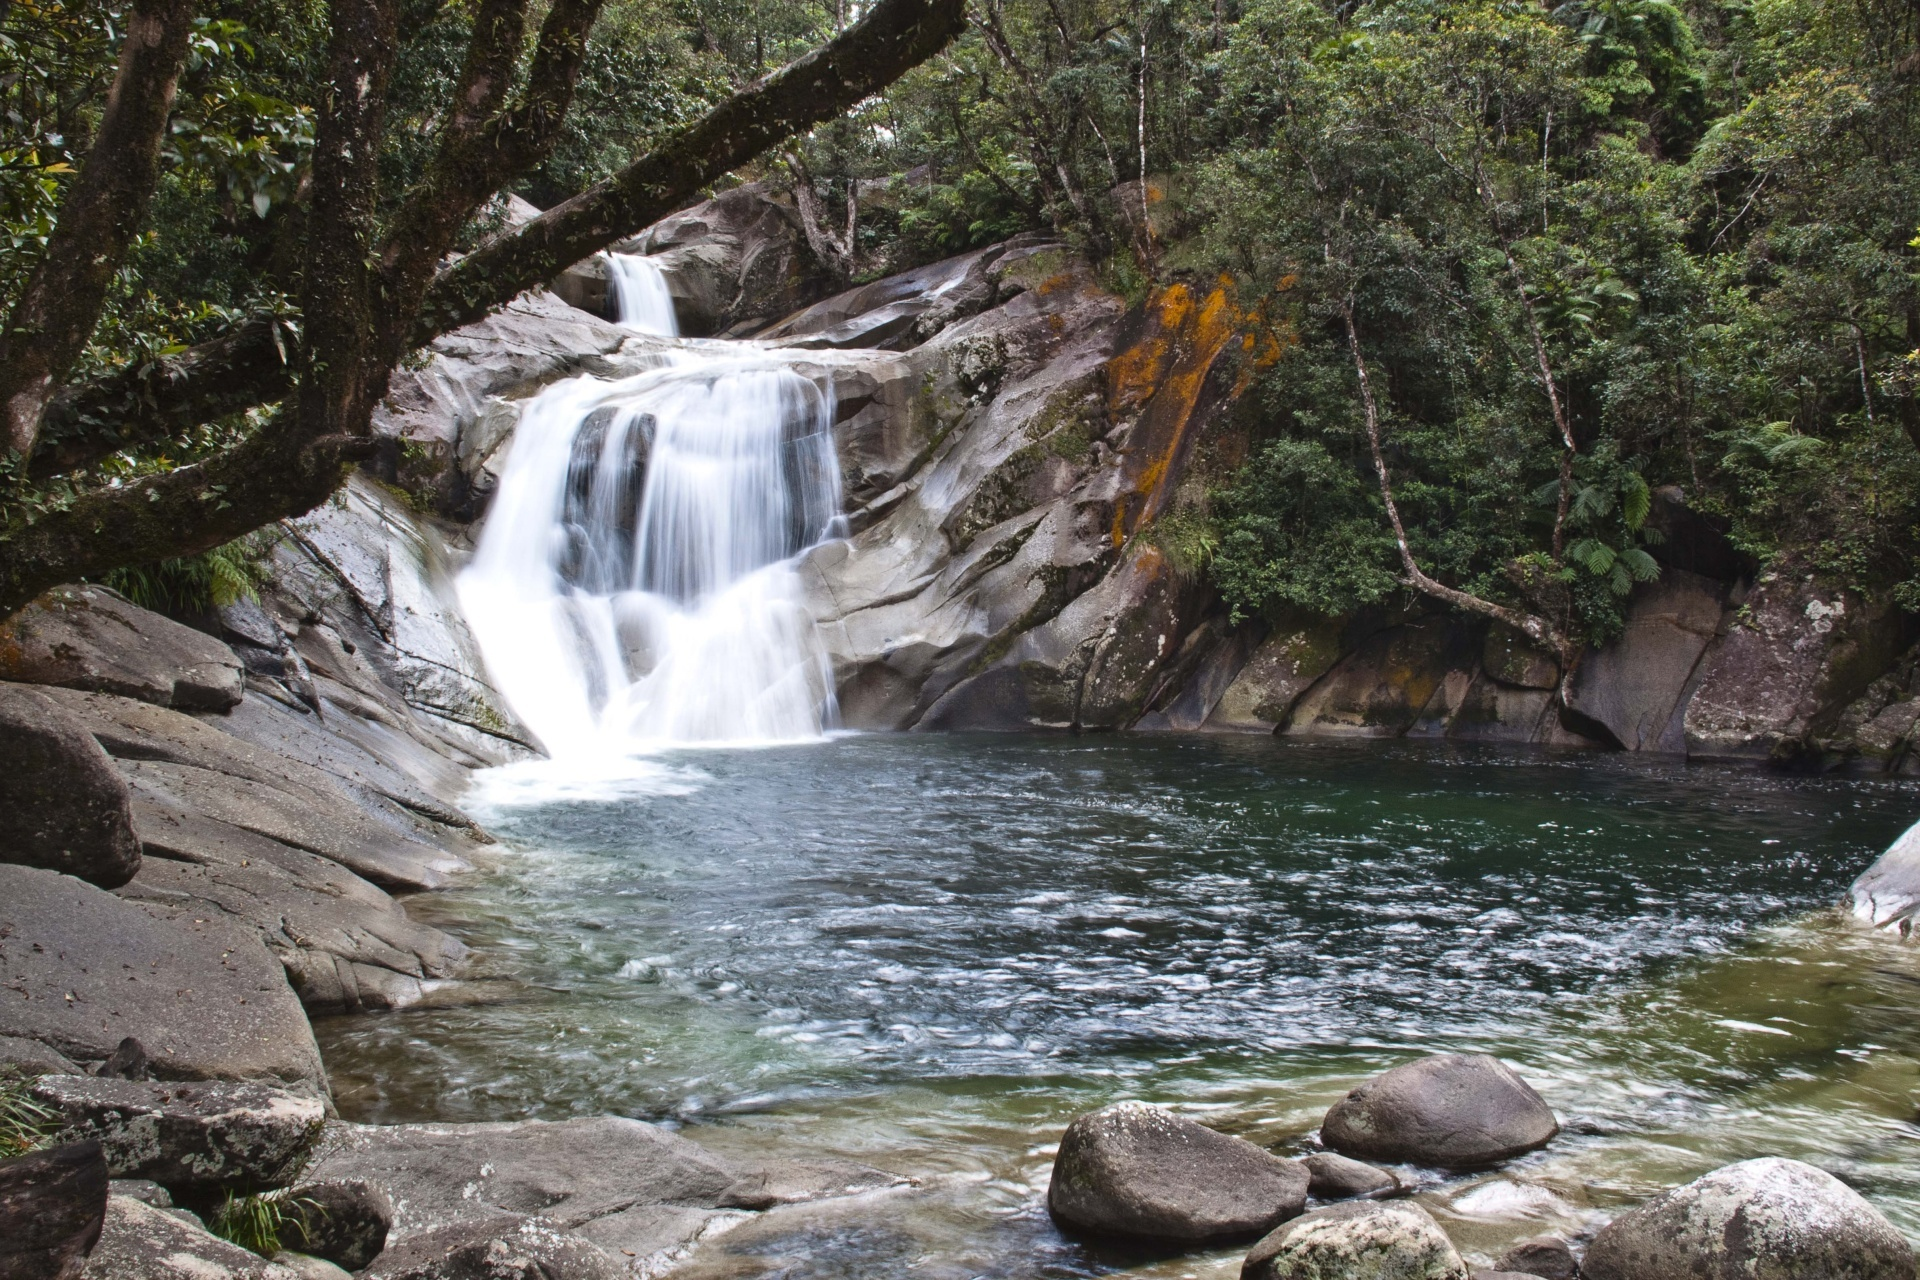 Cairns Backpackers Tour Rainforest & Waterfalls |Cairns Australia Waterfalls